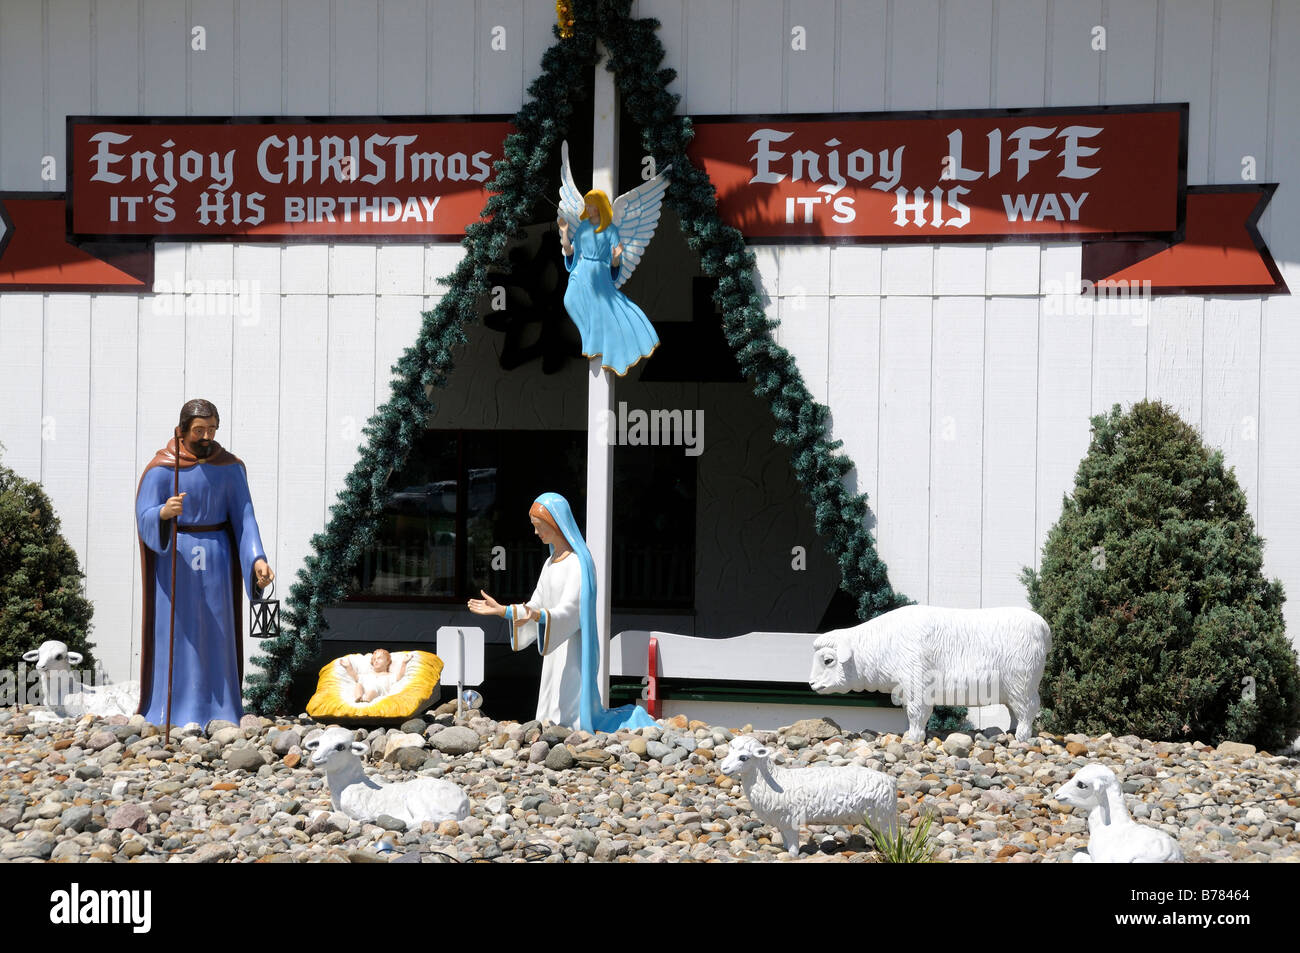 Außendekoration Weihnachten.Eine Außendekoration Weihnachten Stabil An Der Berühmten Bonner Ist